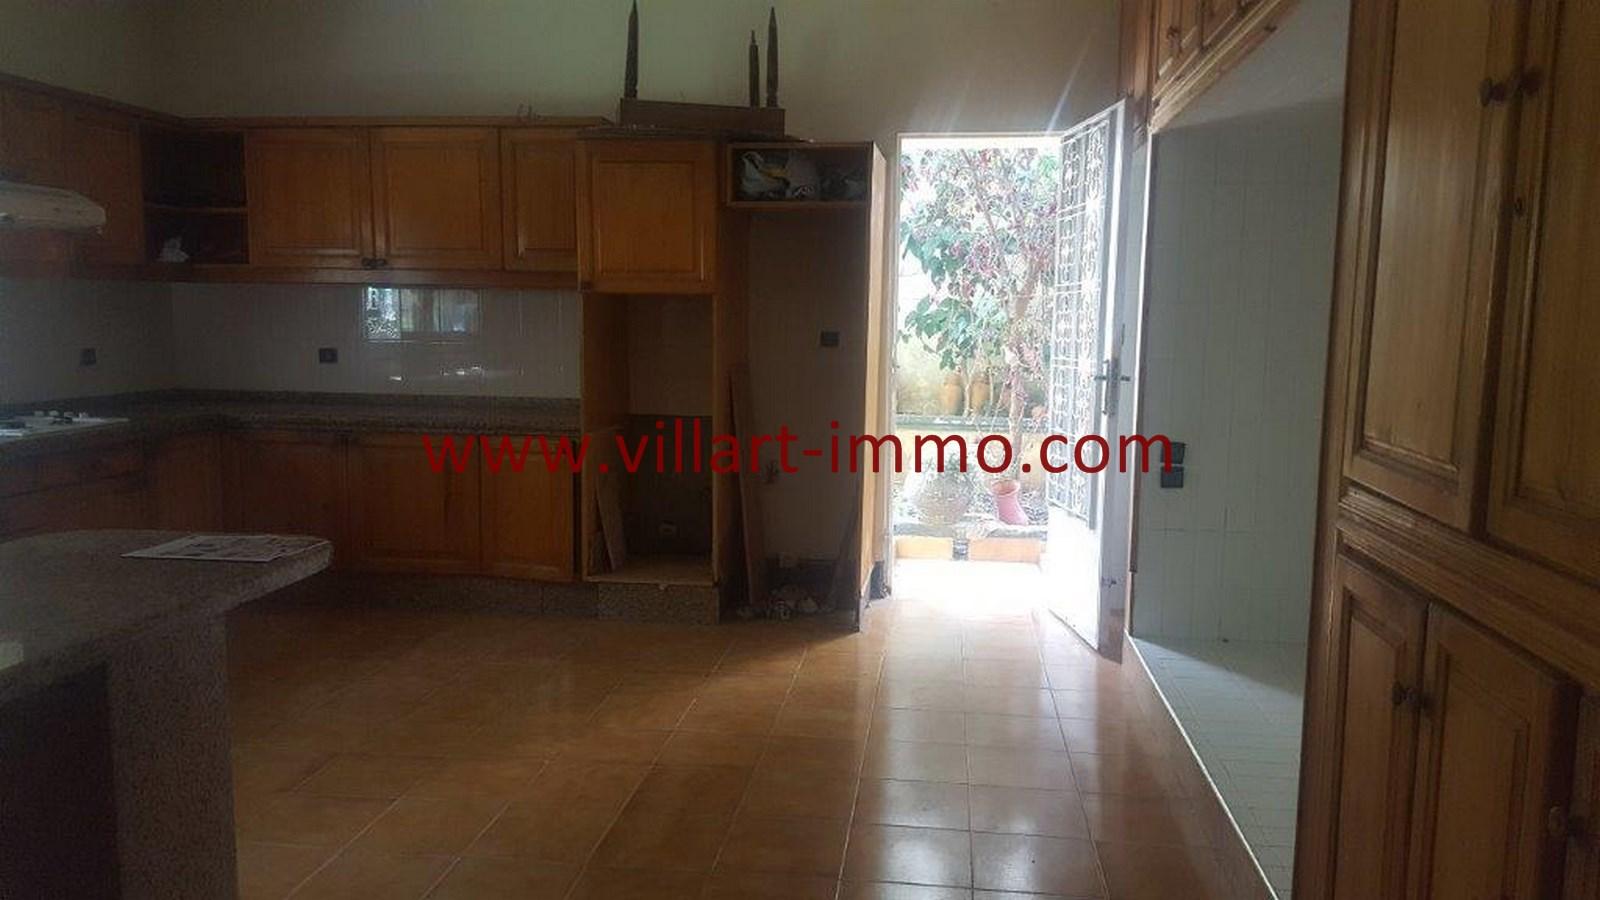 6-Vente-Villa-Tanger-Moujahidin-Cuisine 2-VV491-Villart Immo